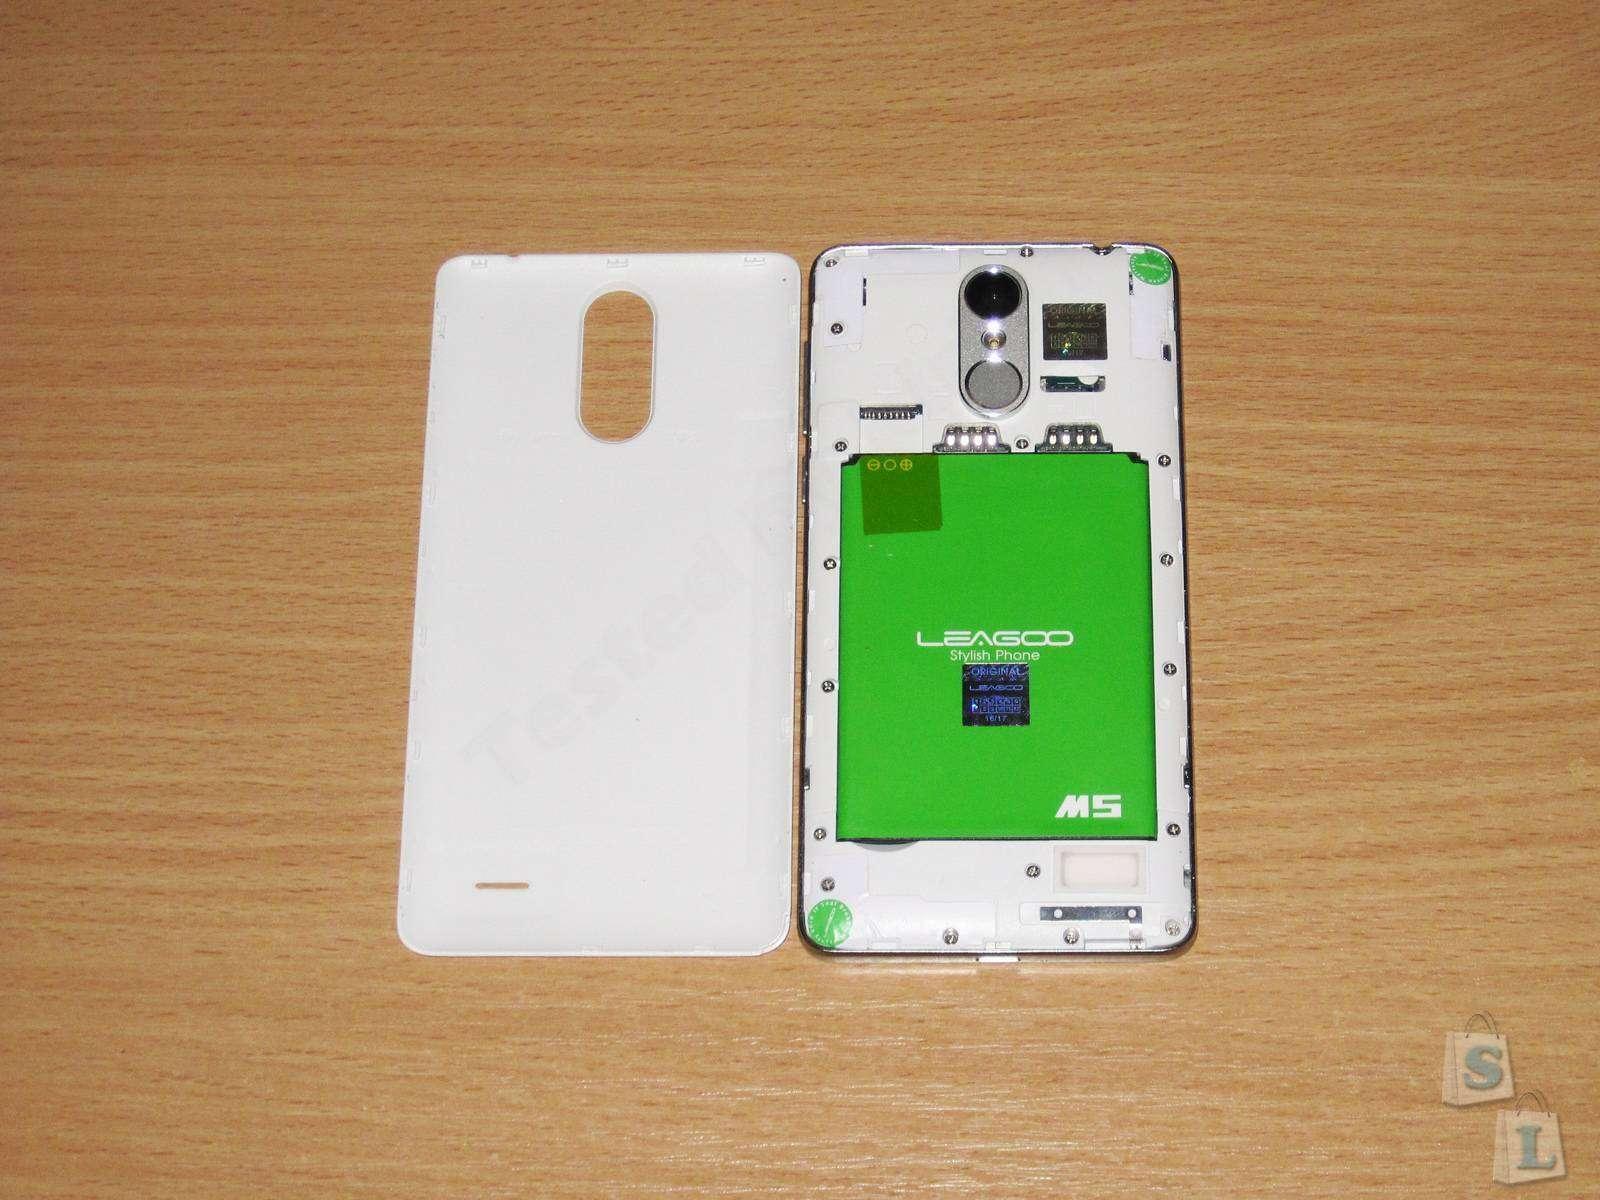 GearBest: Еще один взгляд на смартфон Leagoo M5